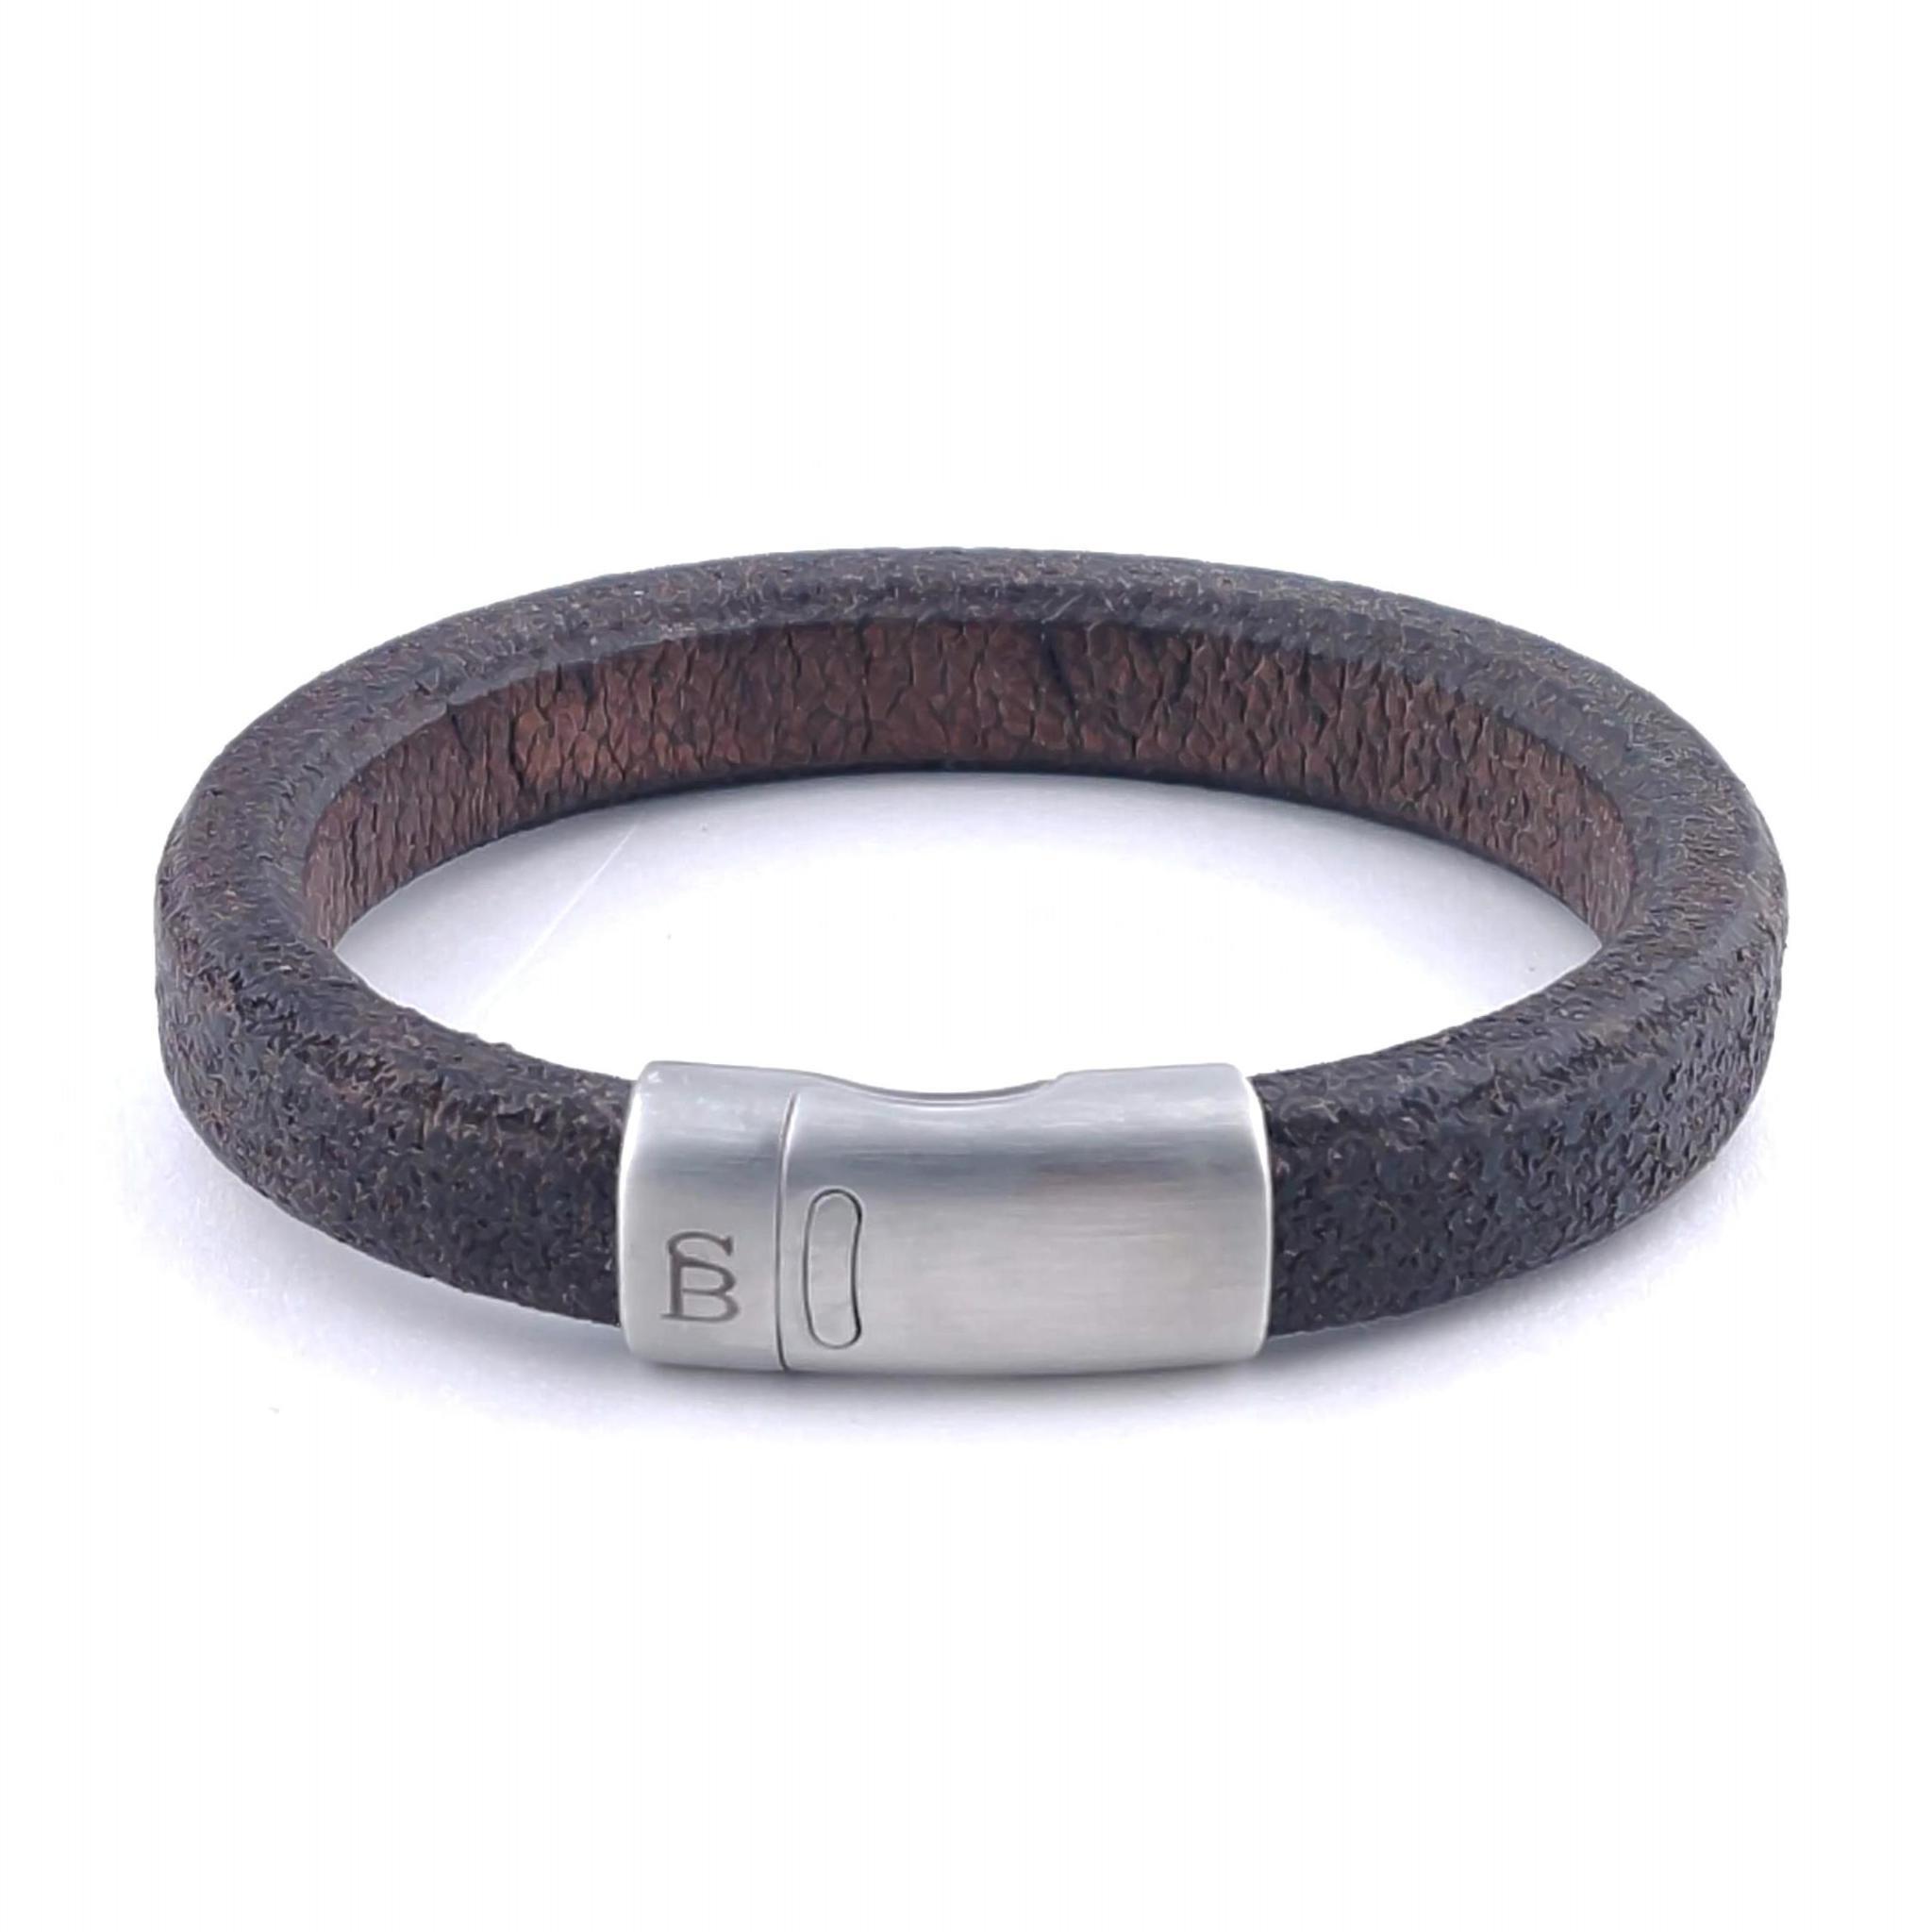 Steel & Barnett Leather bracelet Cornall - Plain brown - Size M